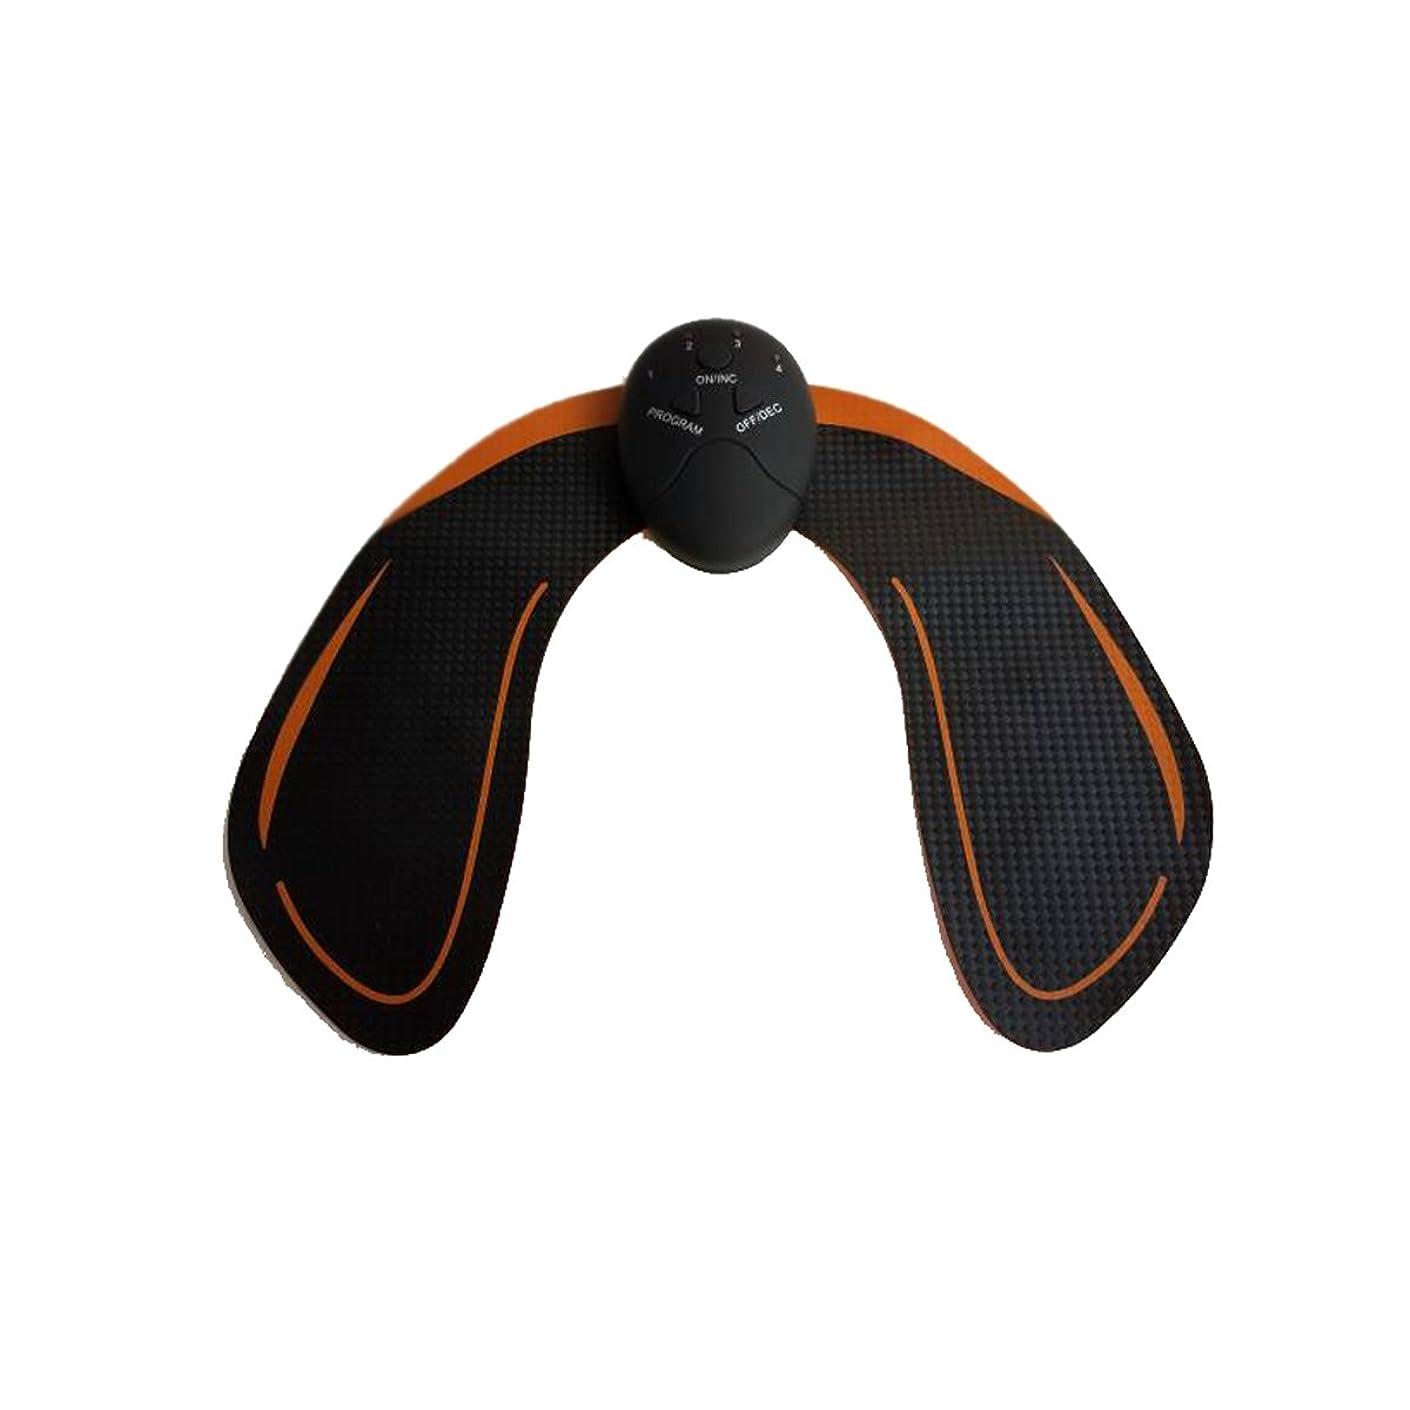 資料回想観察するSUPVOX 電池式ボディ美容機器を持ち上げるお尻のヒップトレーナー(ブラック)